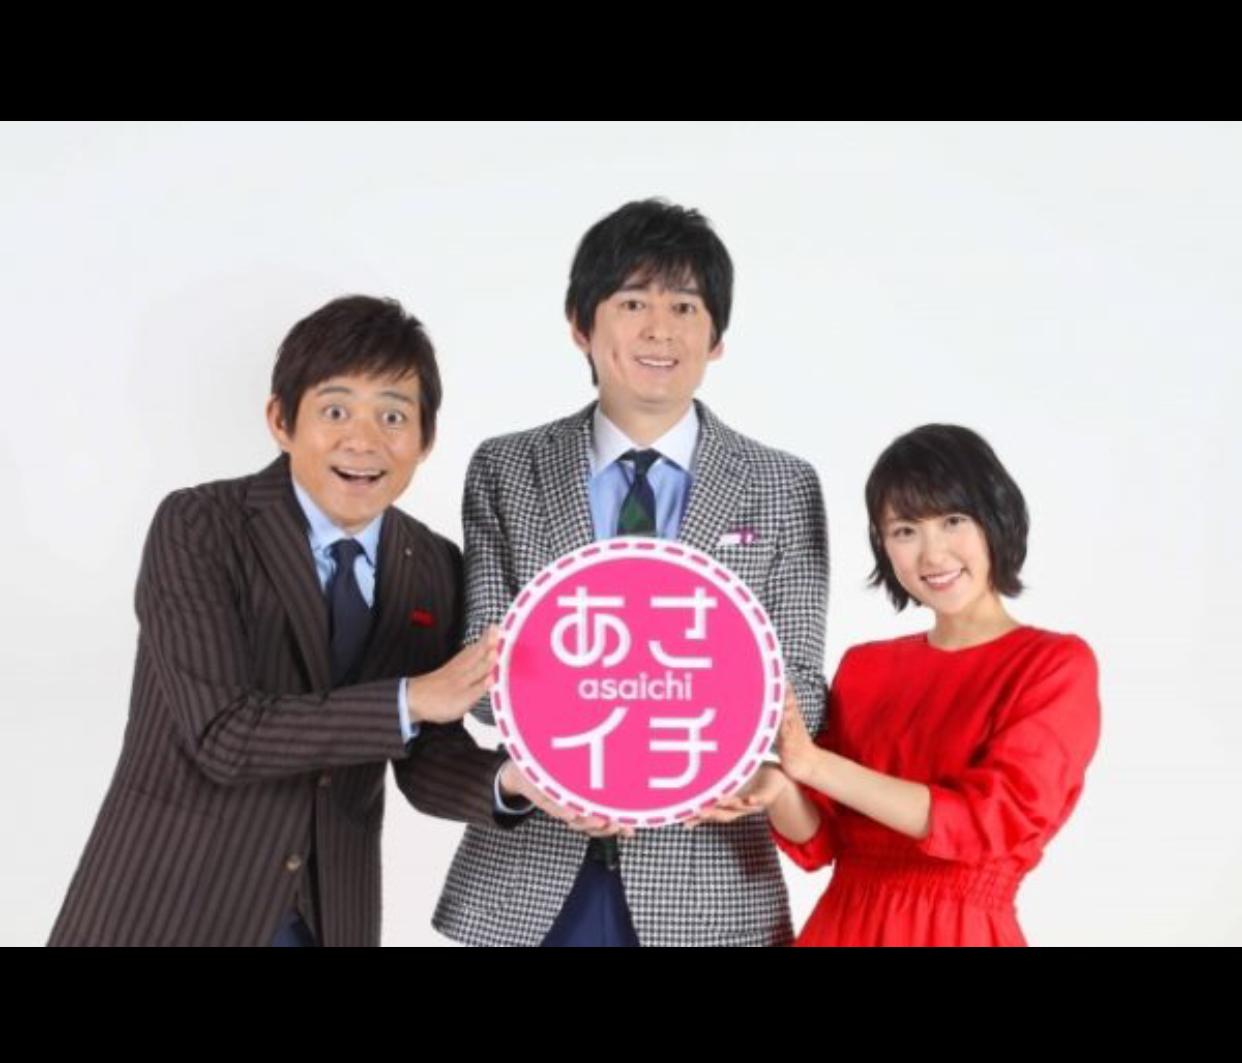 NHKあさイチ 次回の放送は5/29 火曜日